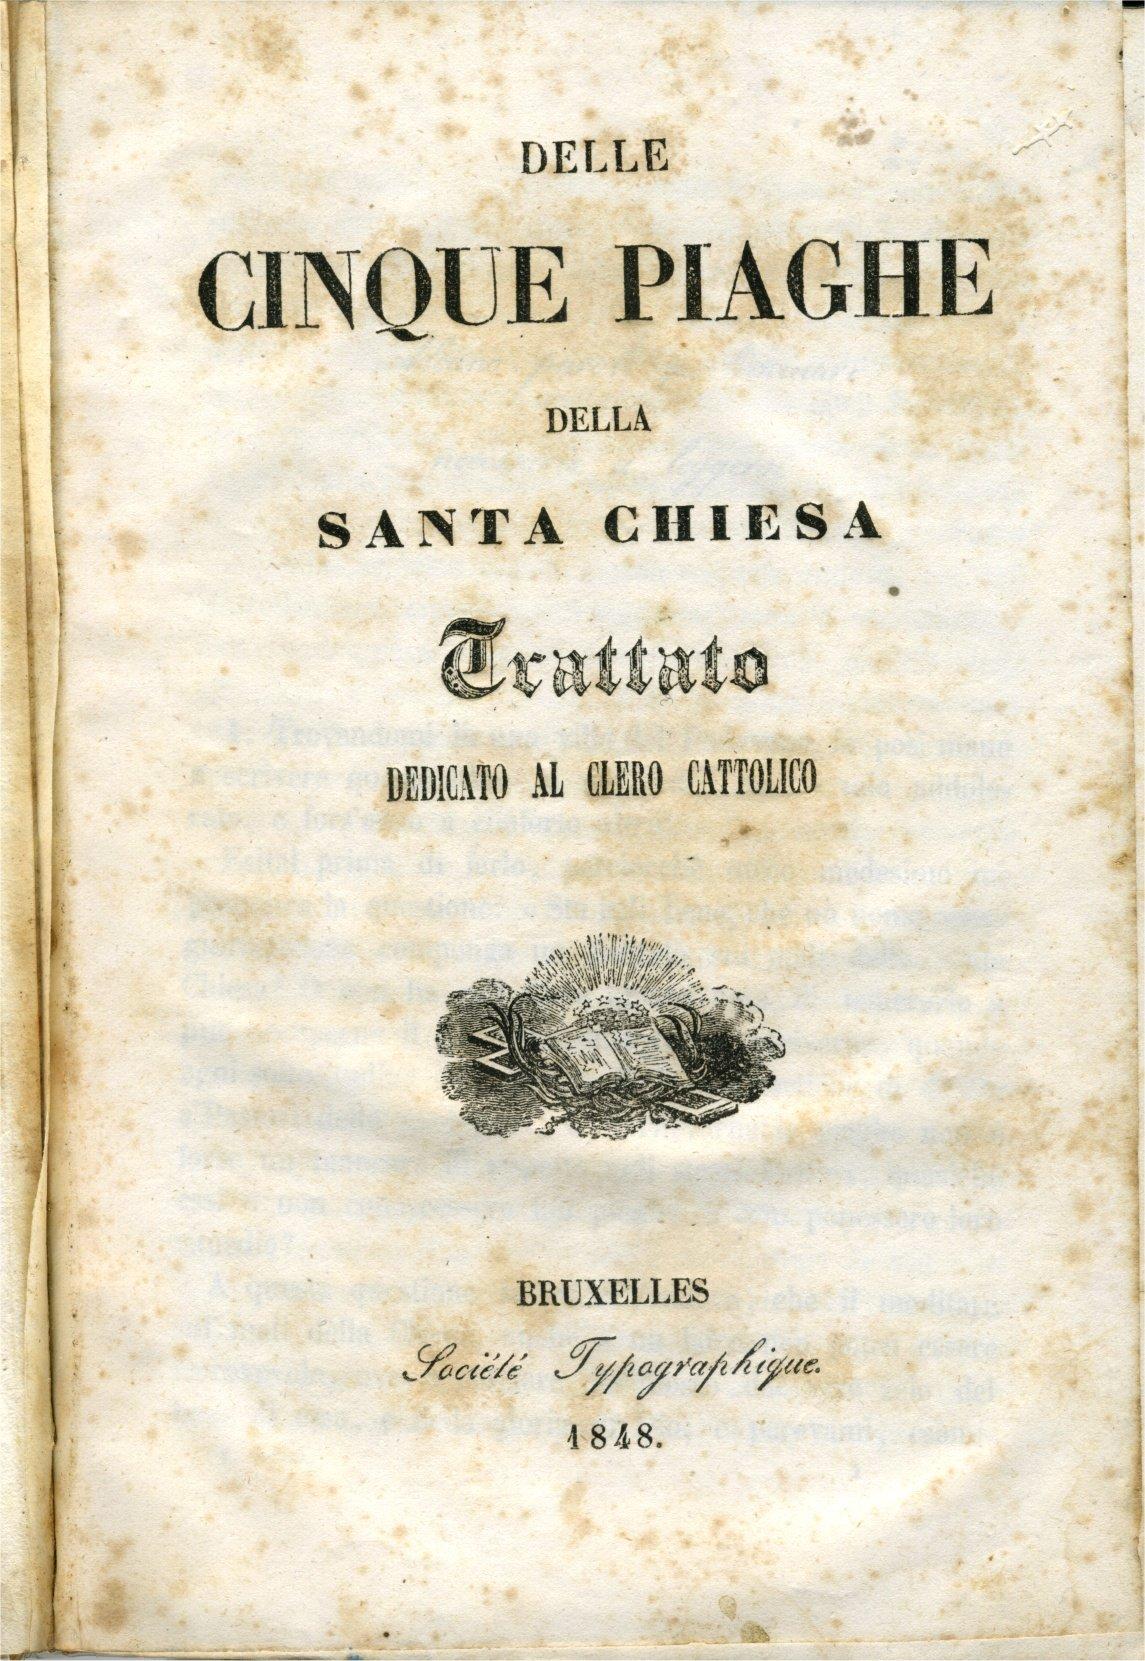 Antonio Rosmini - Delle cinque piaghe della Santa Chiesa